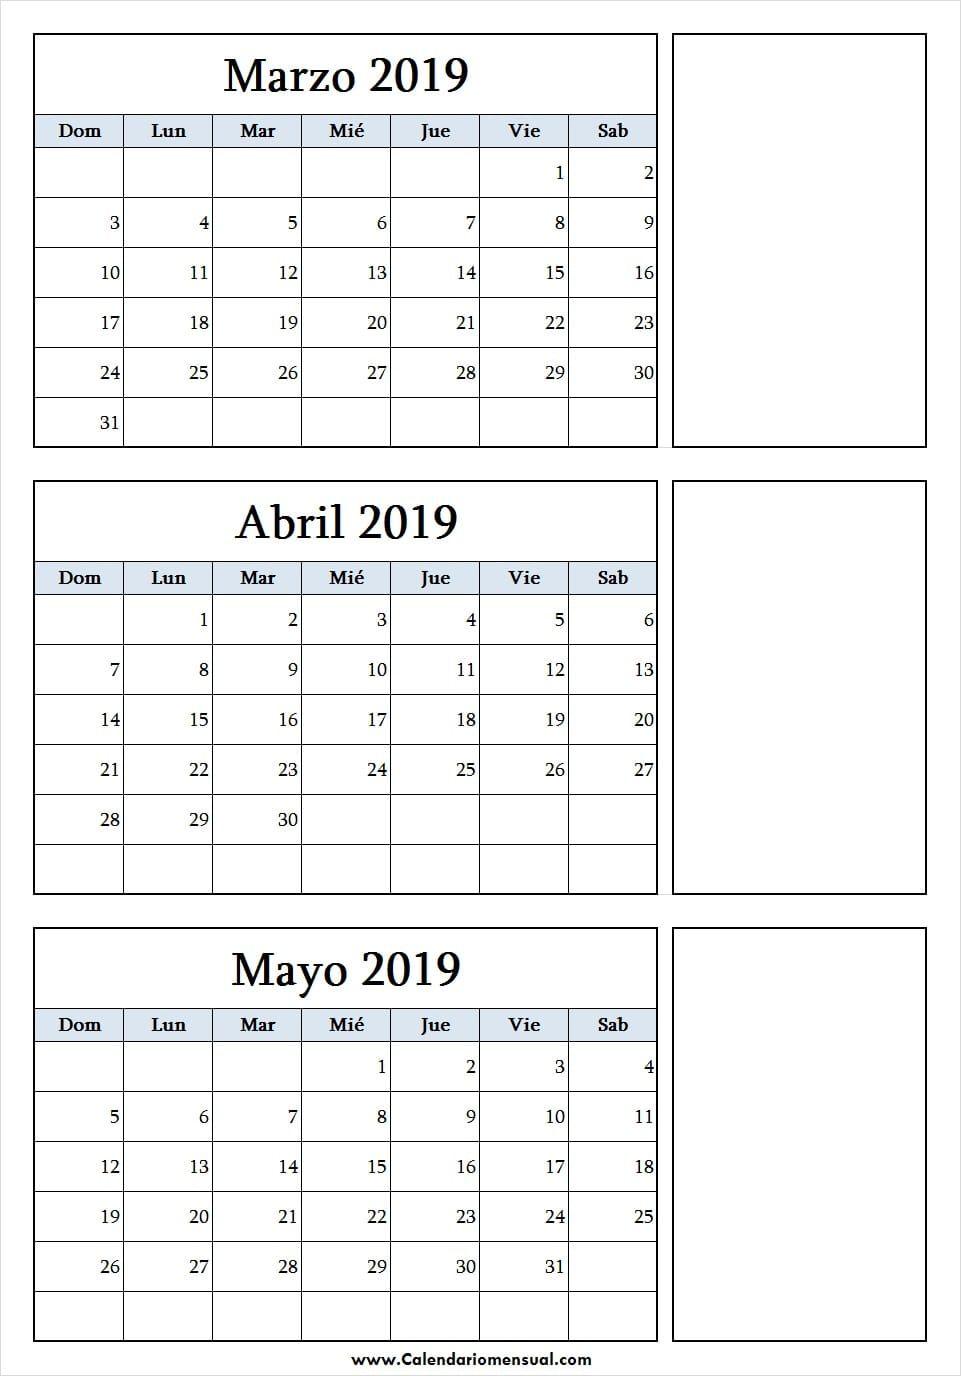 Calendario Marzo 2020.Calendario De Marzo Abril Y Mayo 2019 Para Imprimir March